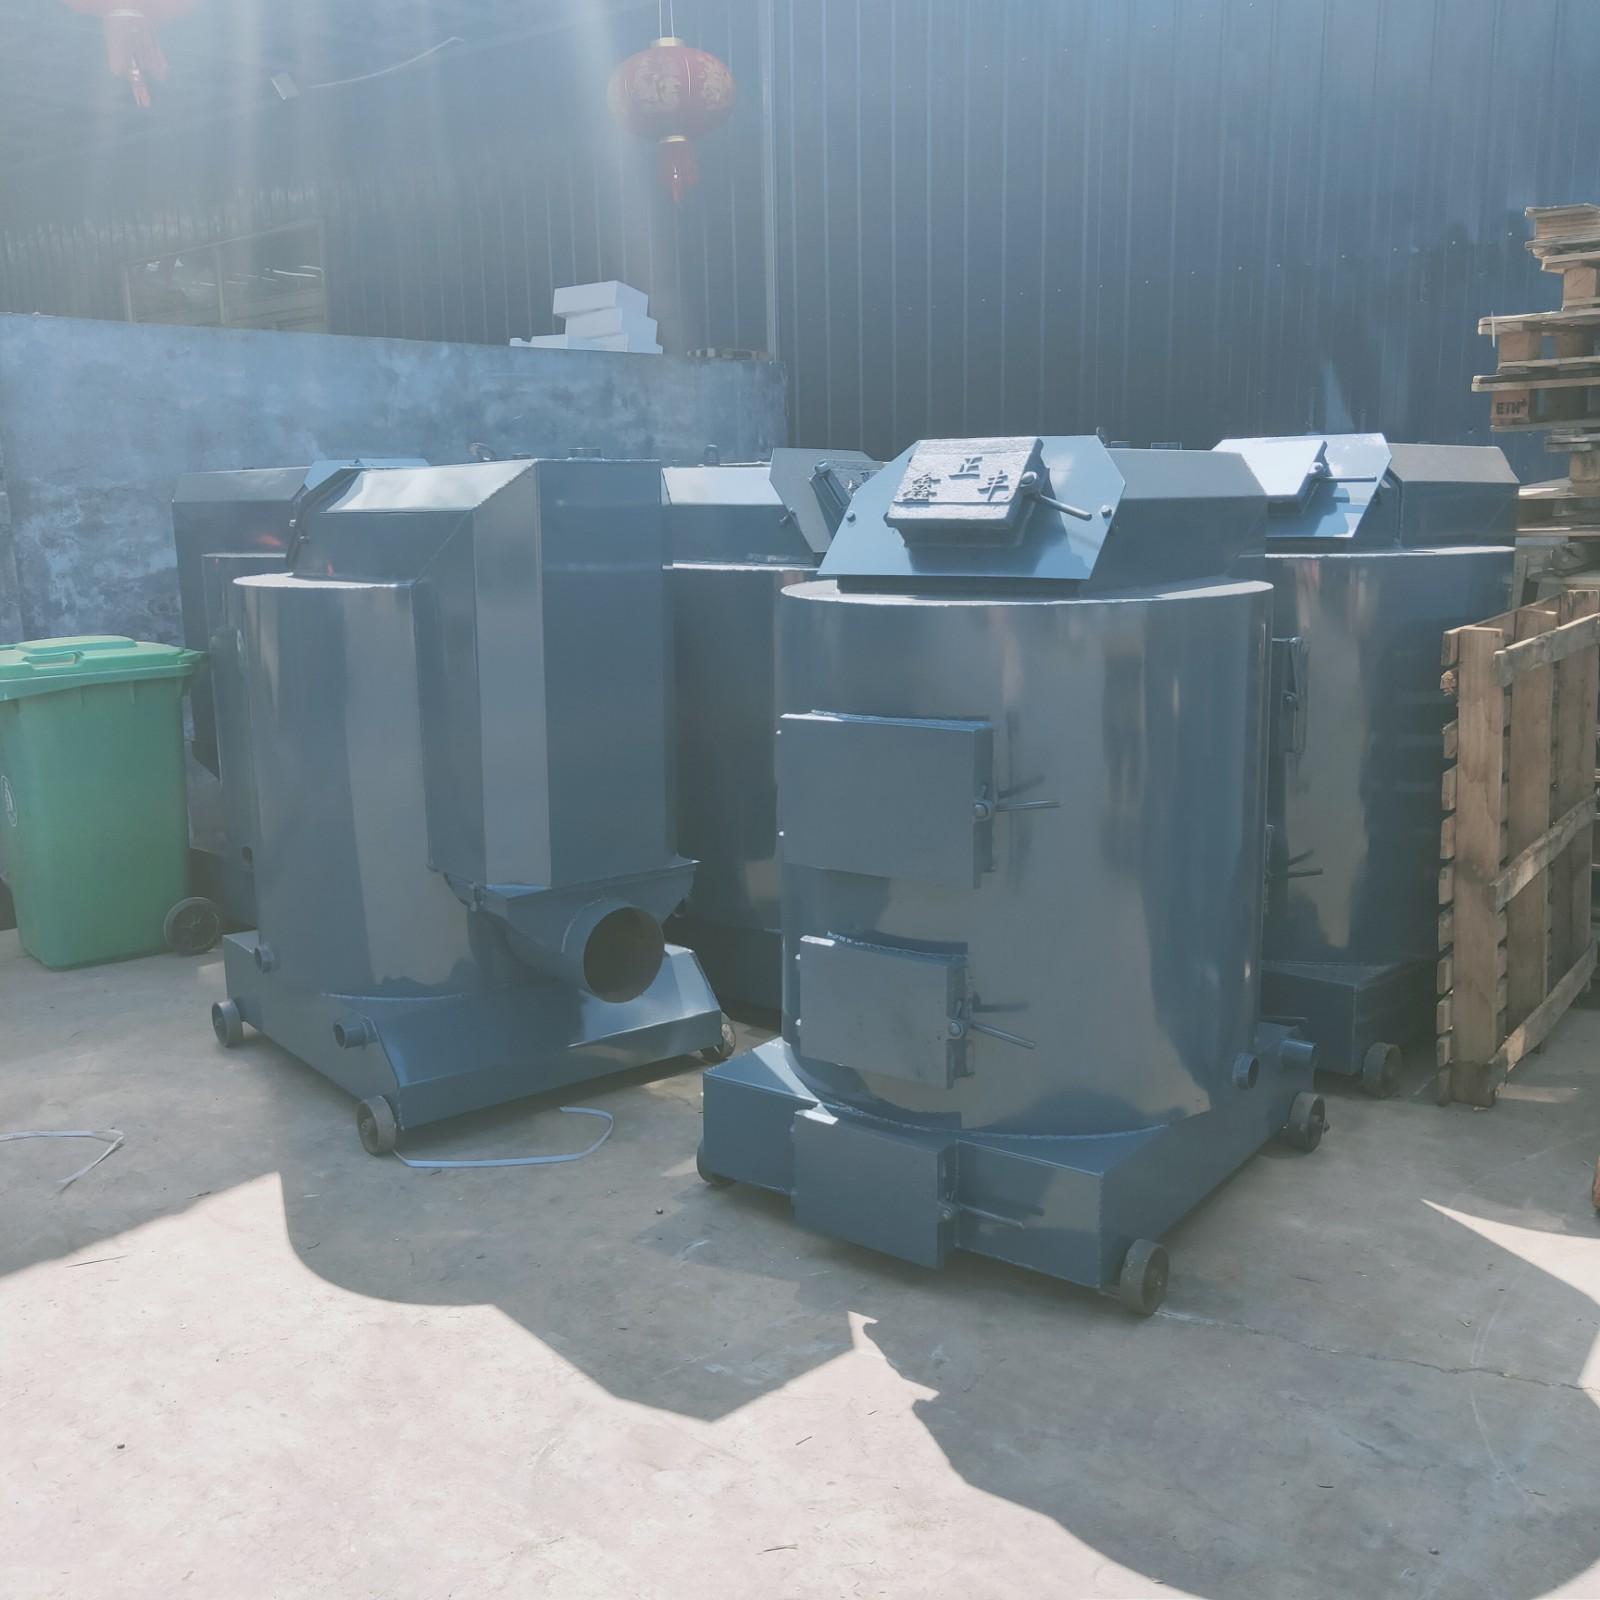 养殖供暖设备 鸡舍养鸡加温设备 60P超低温空气能热泵厂家